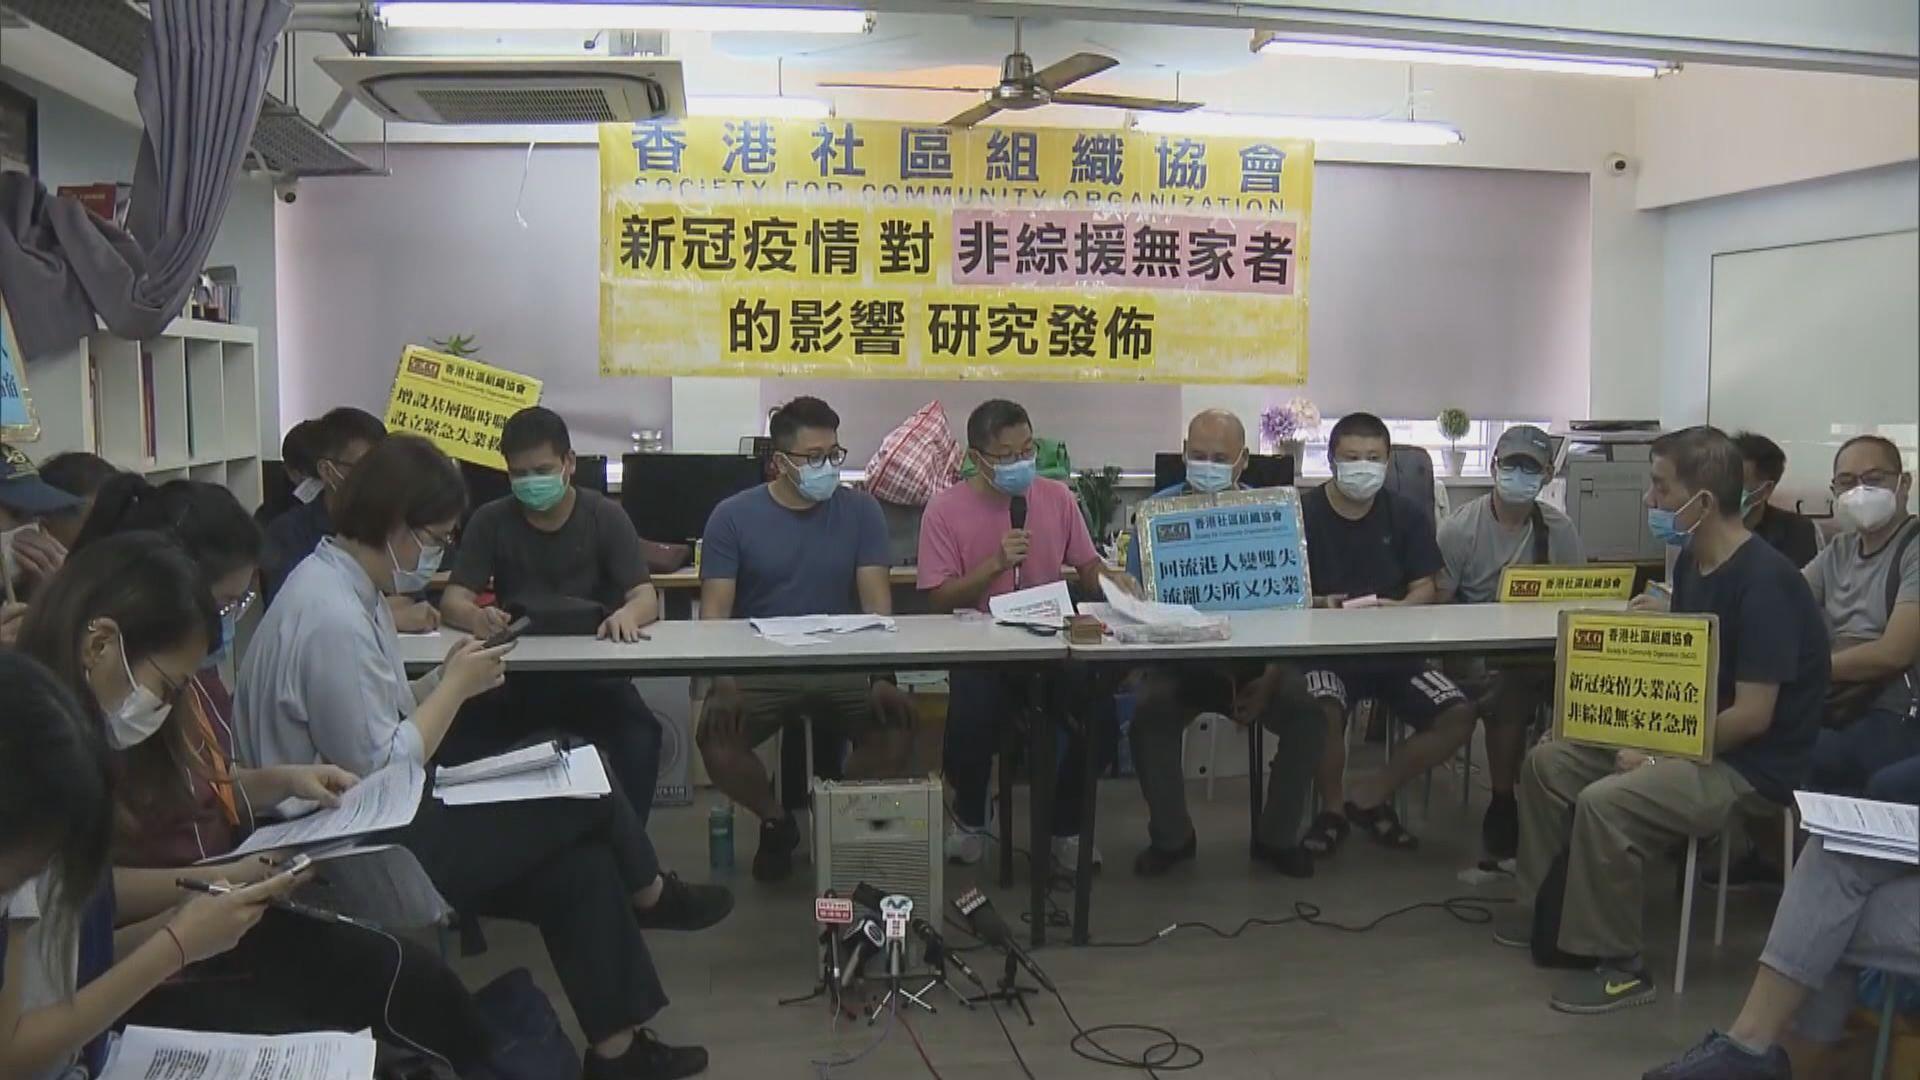 社區組織協會:無家者疫情下失業 促政府設失業援助金